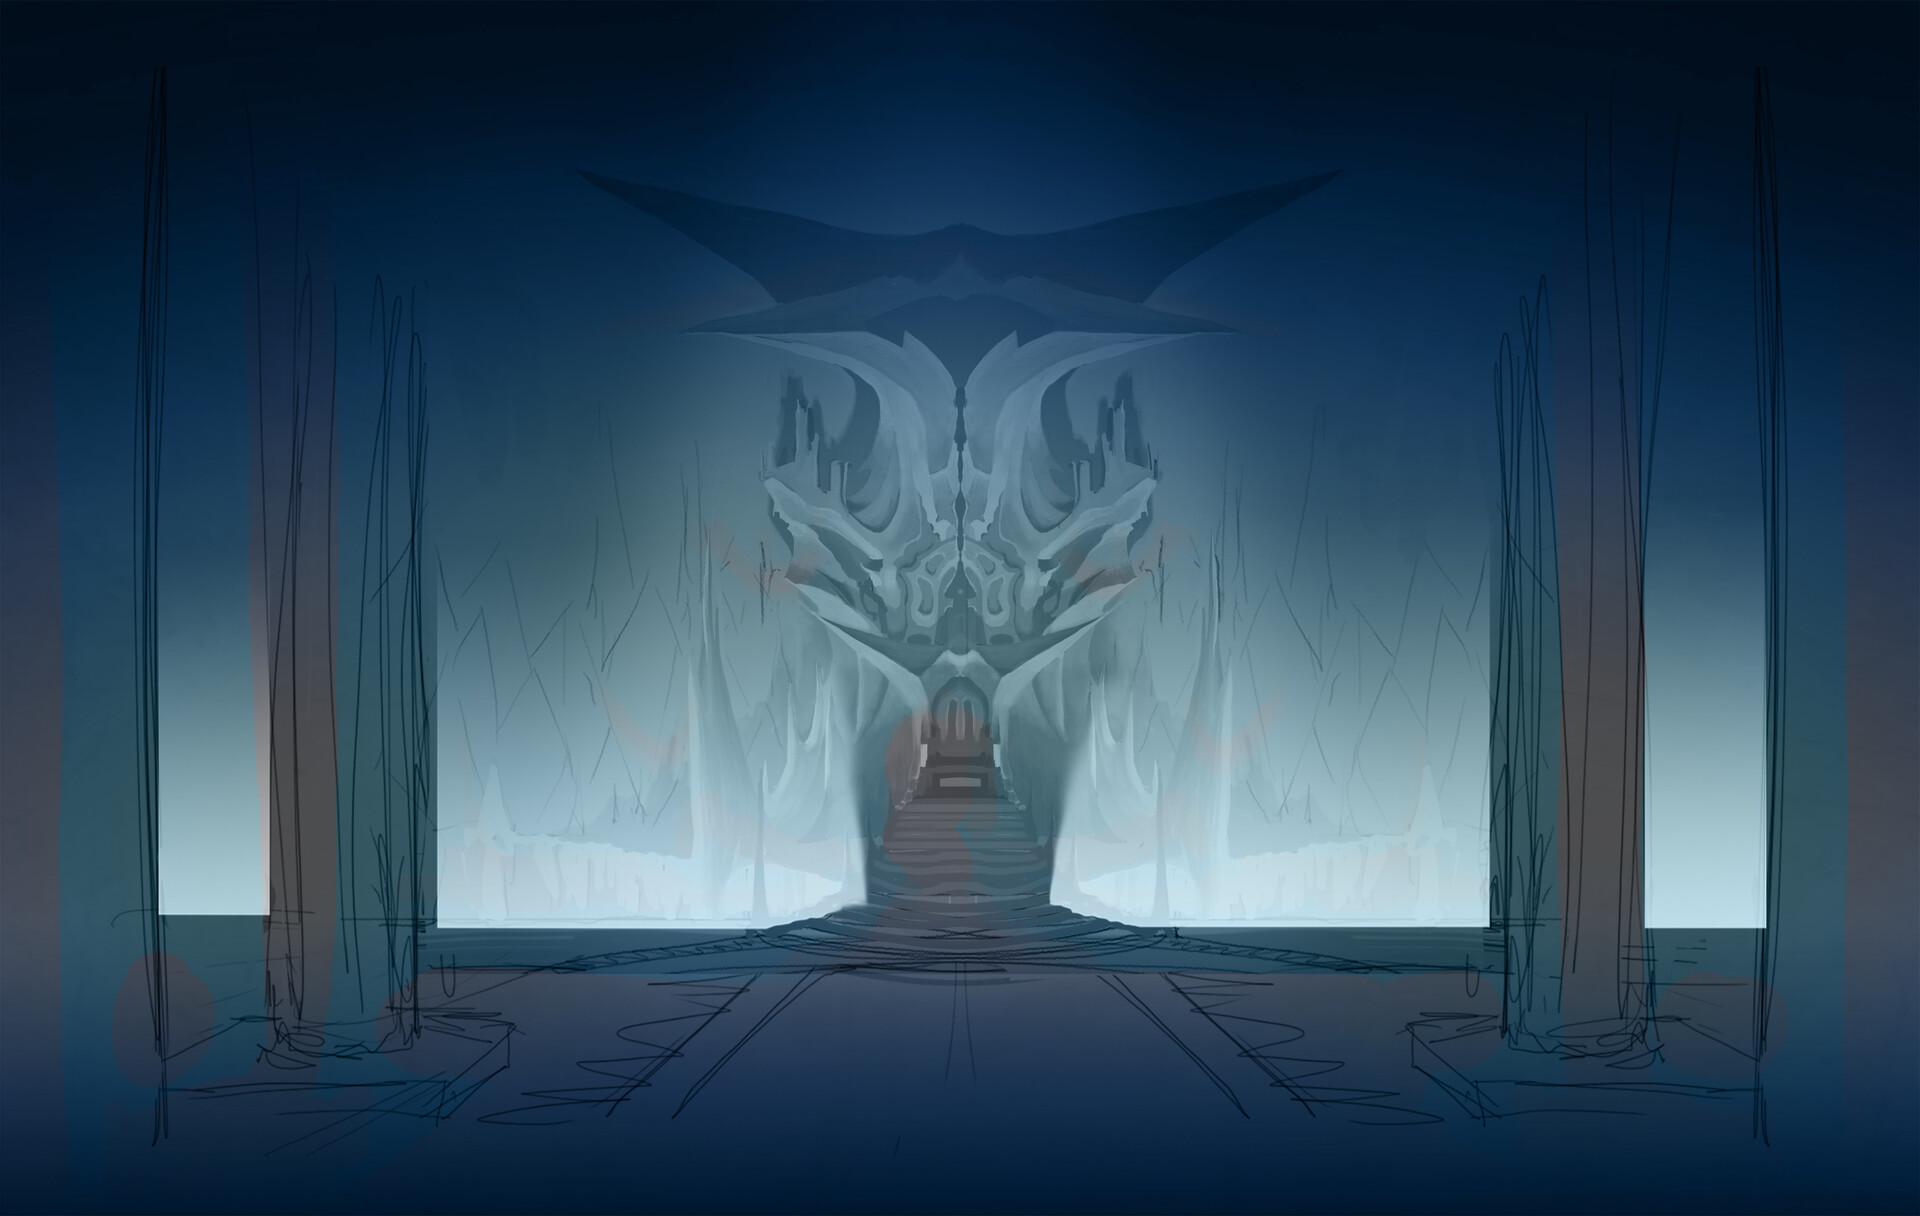 Nihils throne sketch5